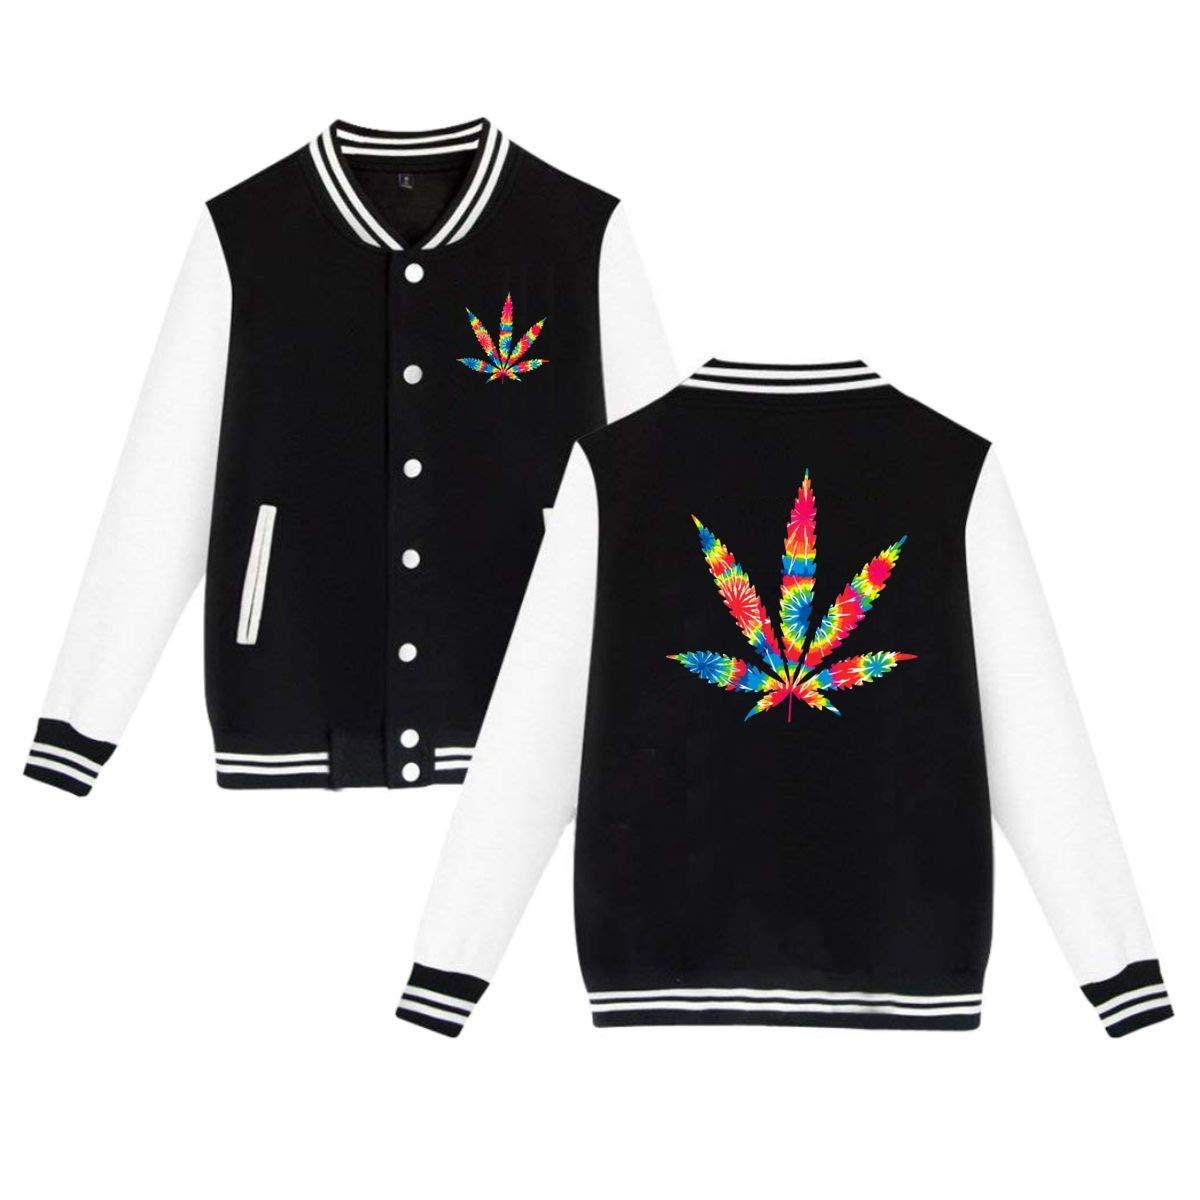 MEILOP Unisex Weed Leaf Tie Dye Baseball Jacket Uniform Sweater Coat